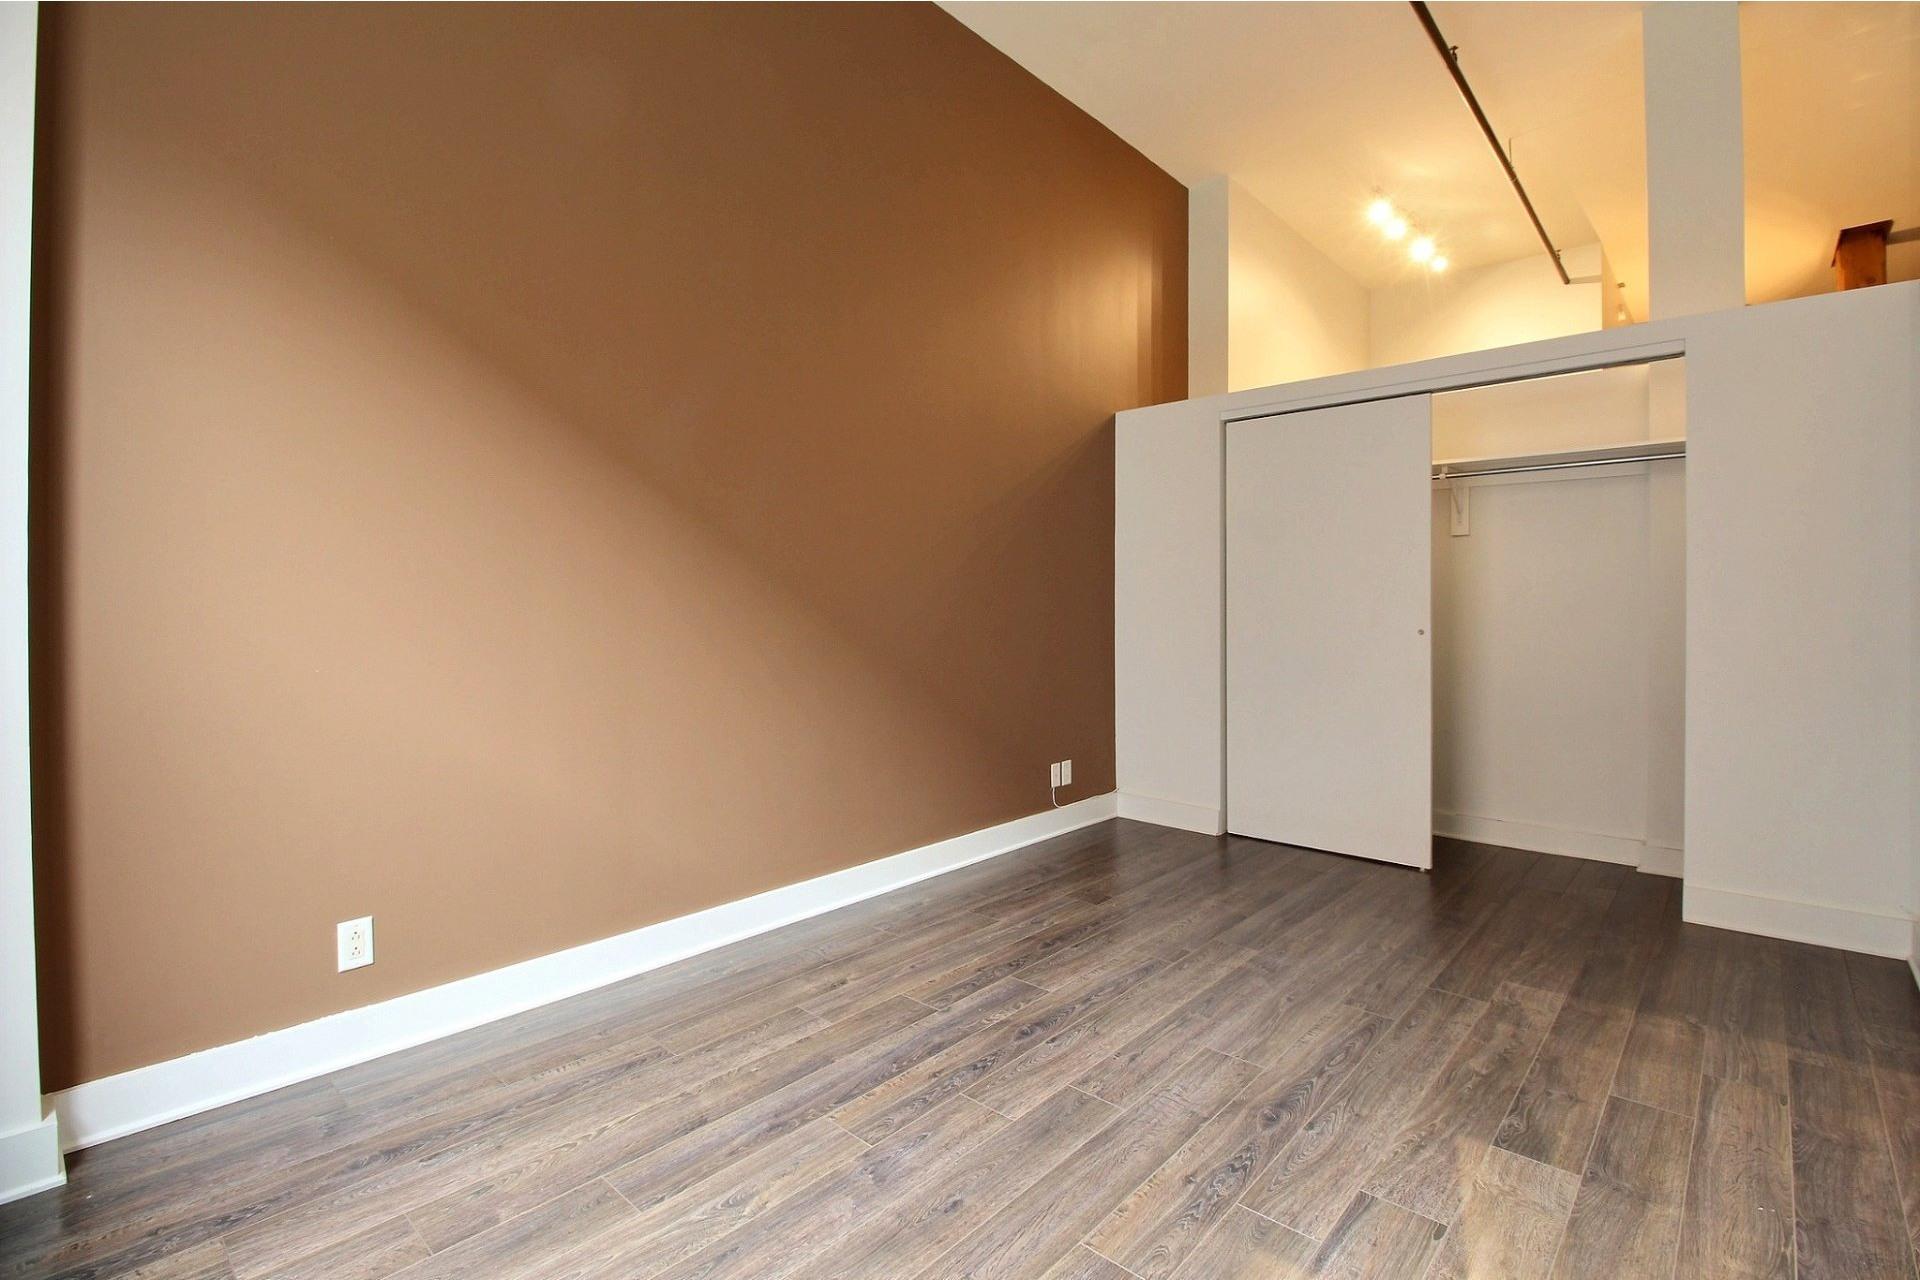 image 18 - Apartment For rent Mercier/Hochelaga-Maisonneuve Montréal  - 6 rooms